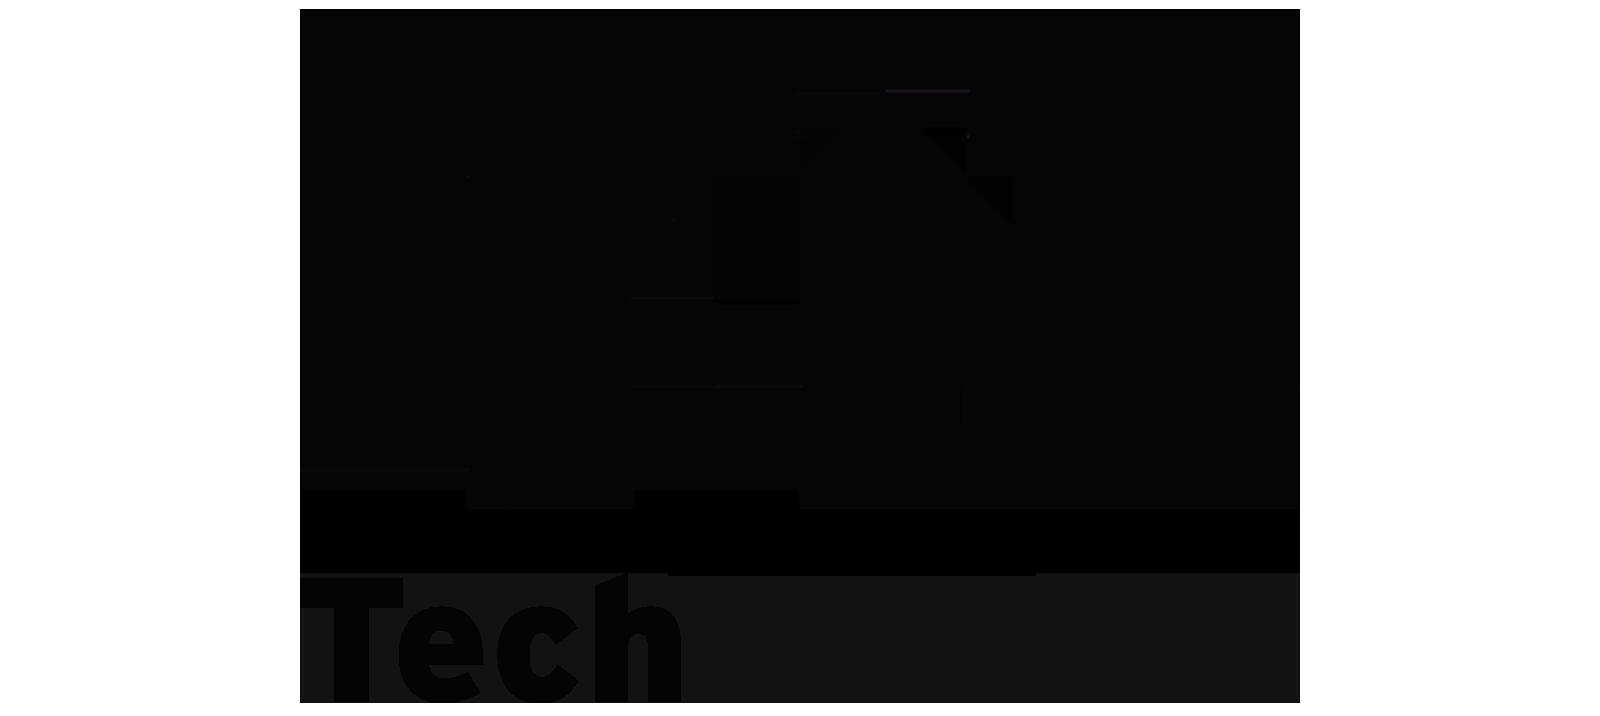 techcrunch_black.png